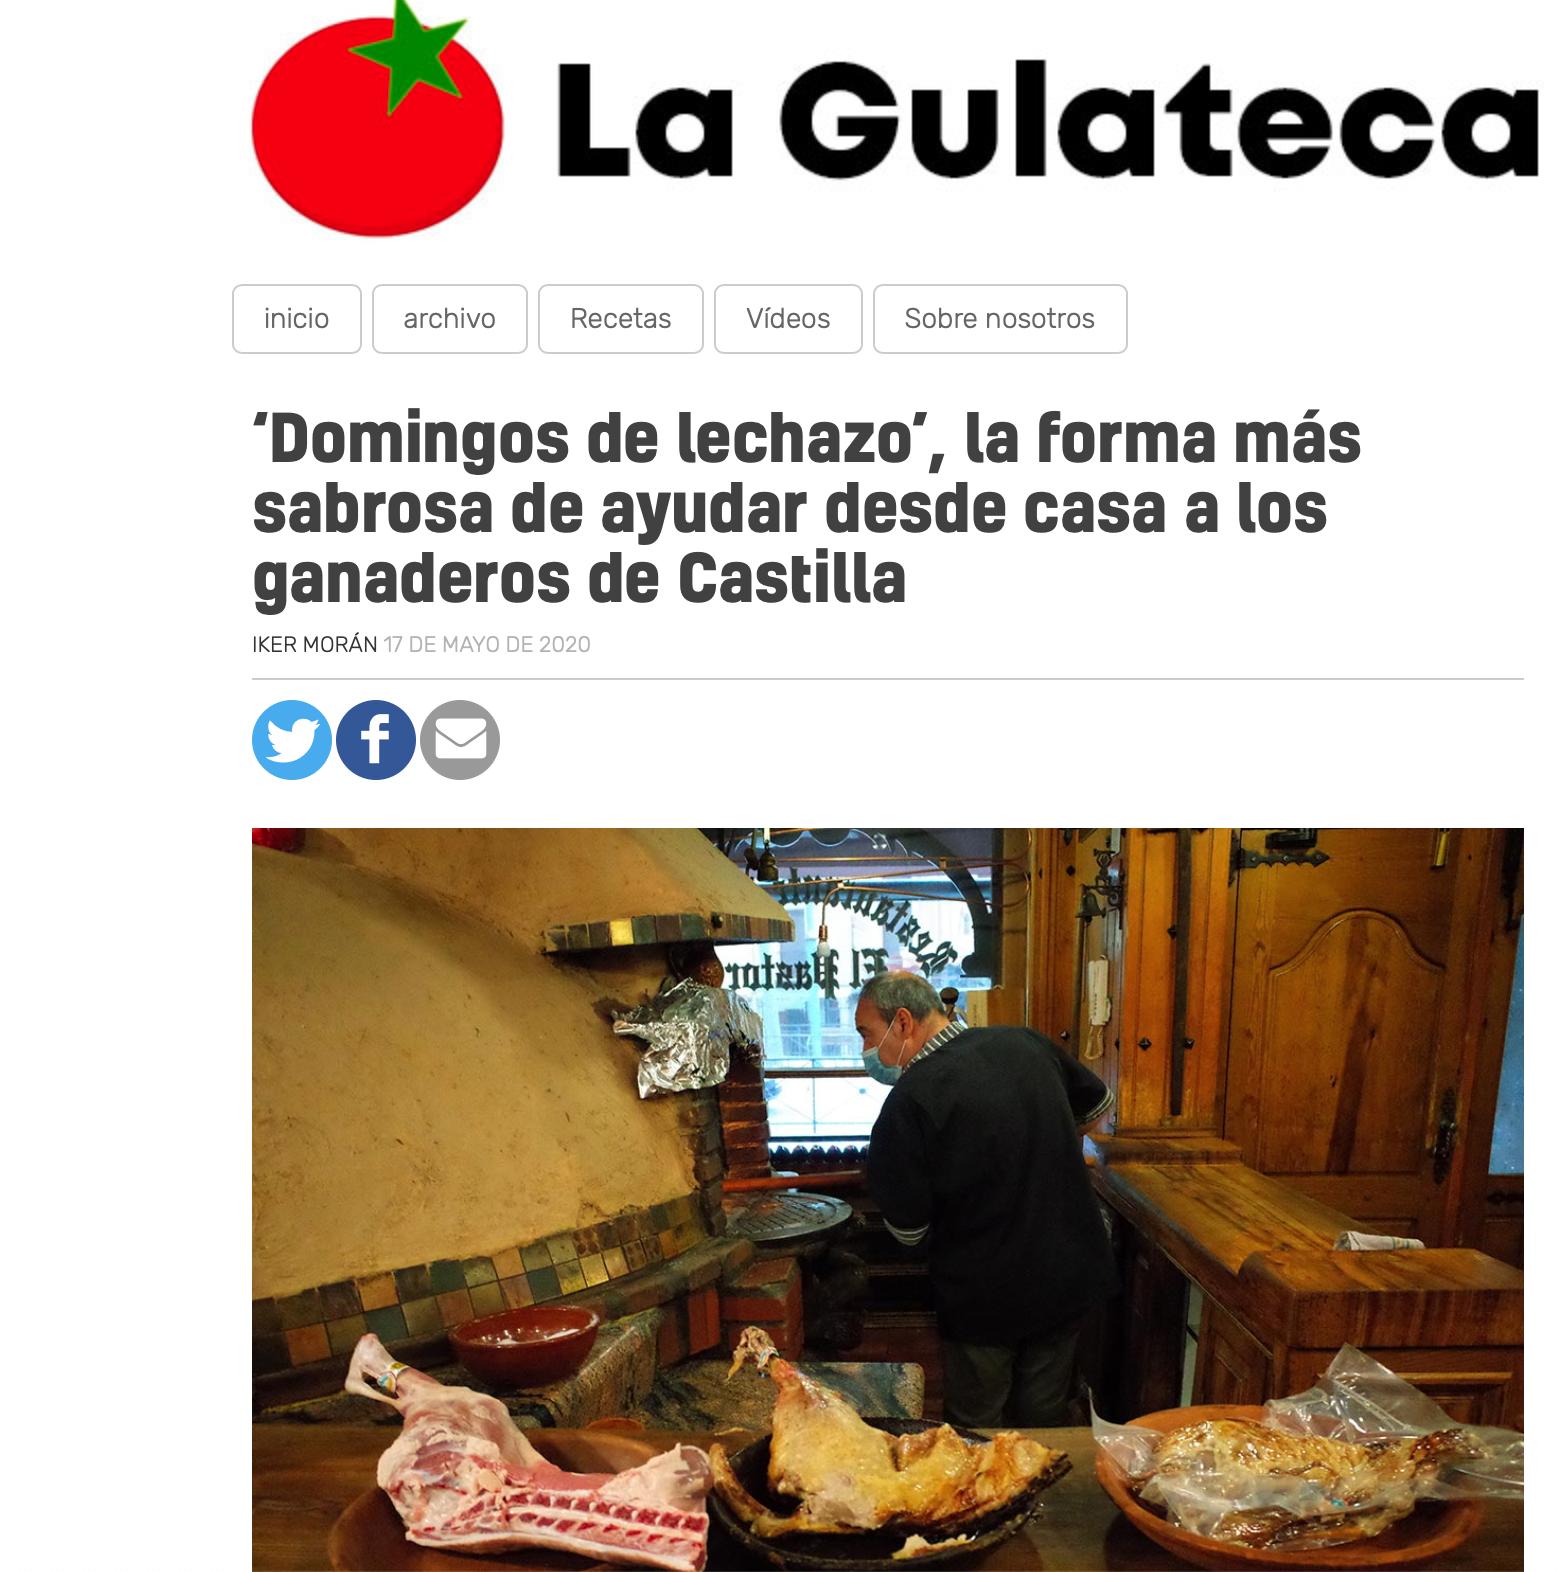 La Gulateca